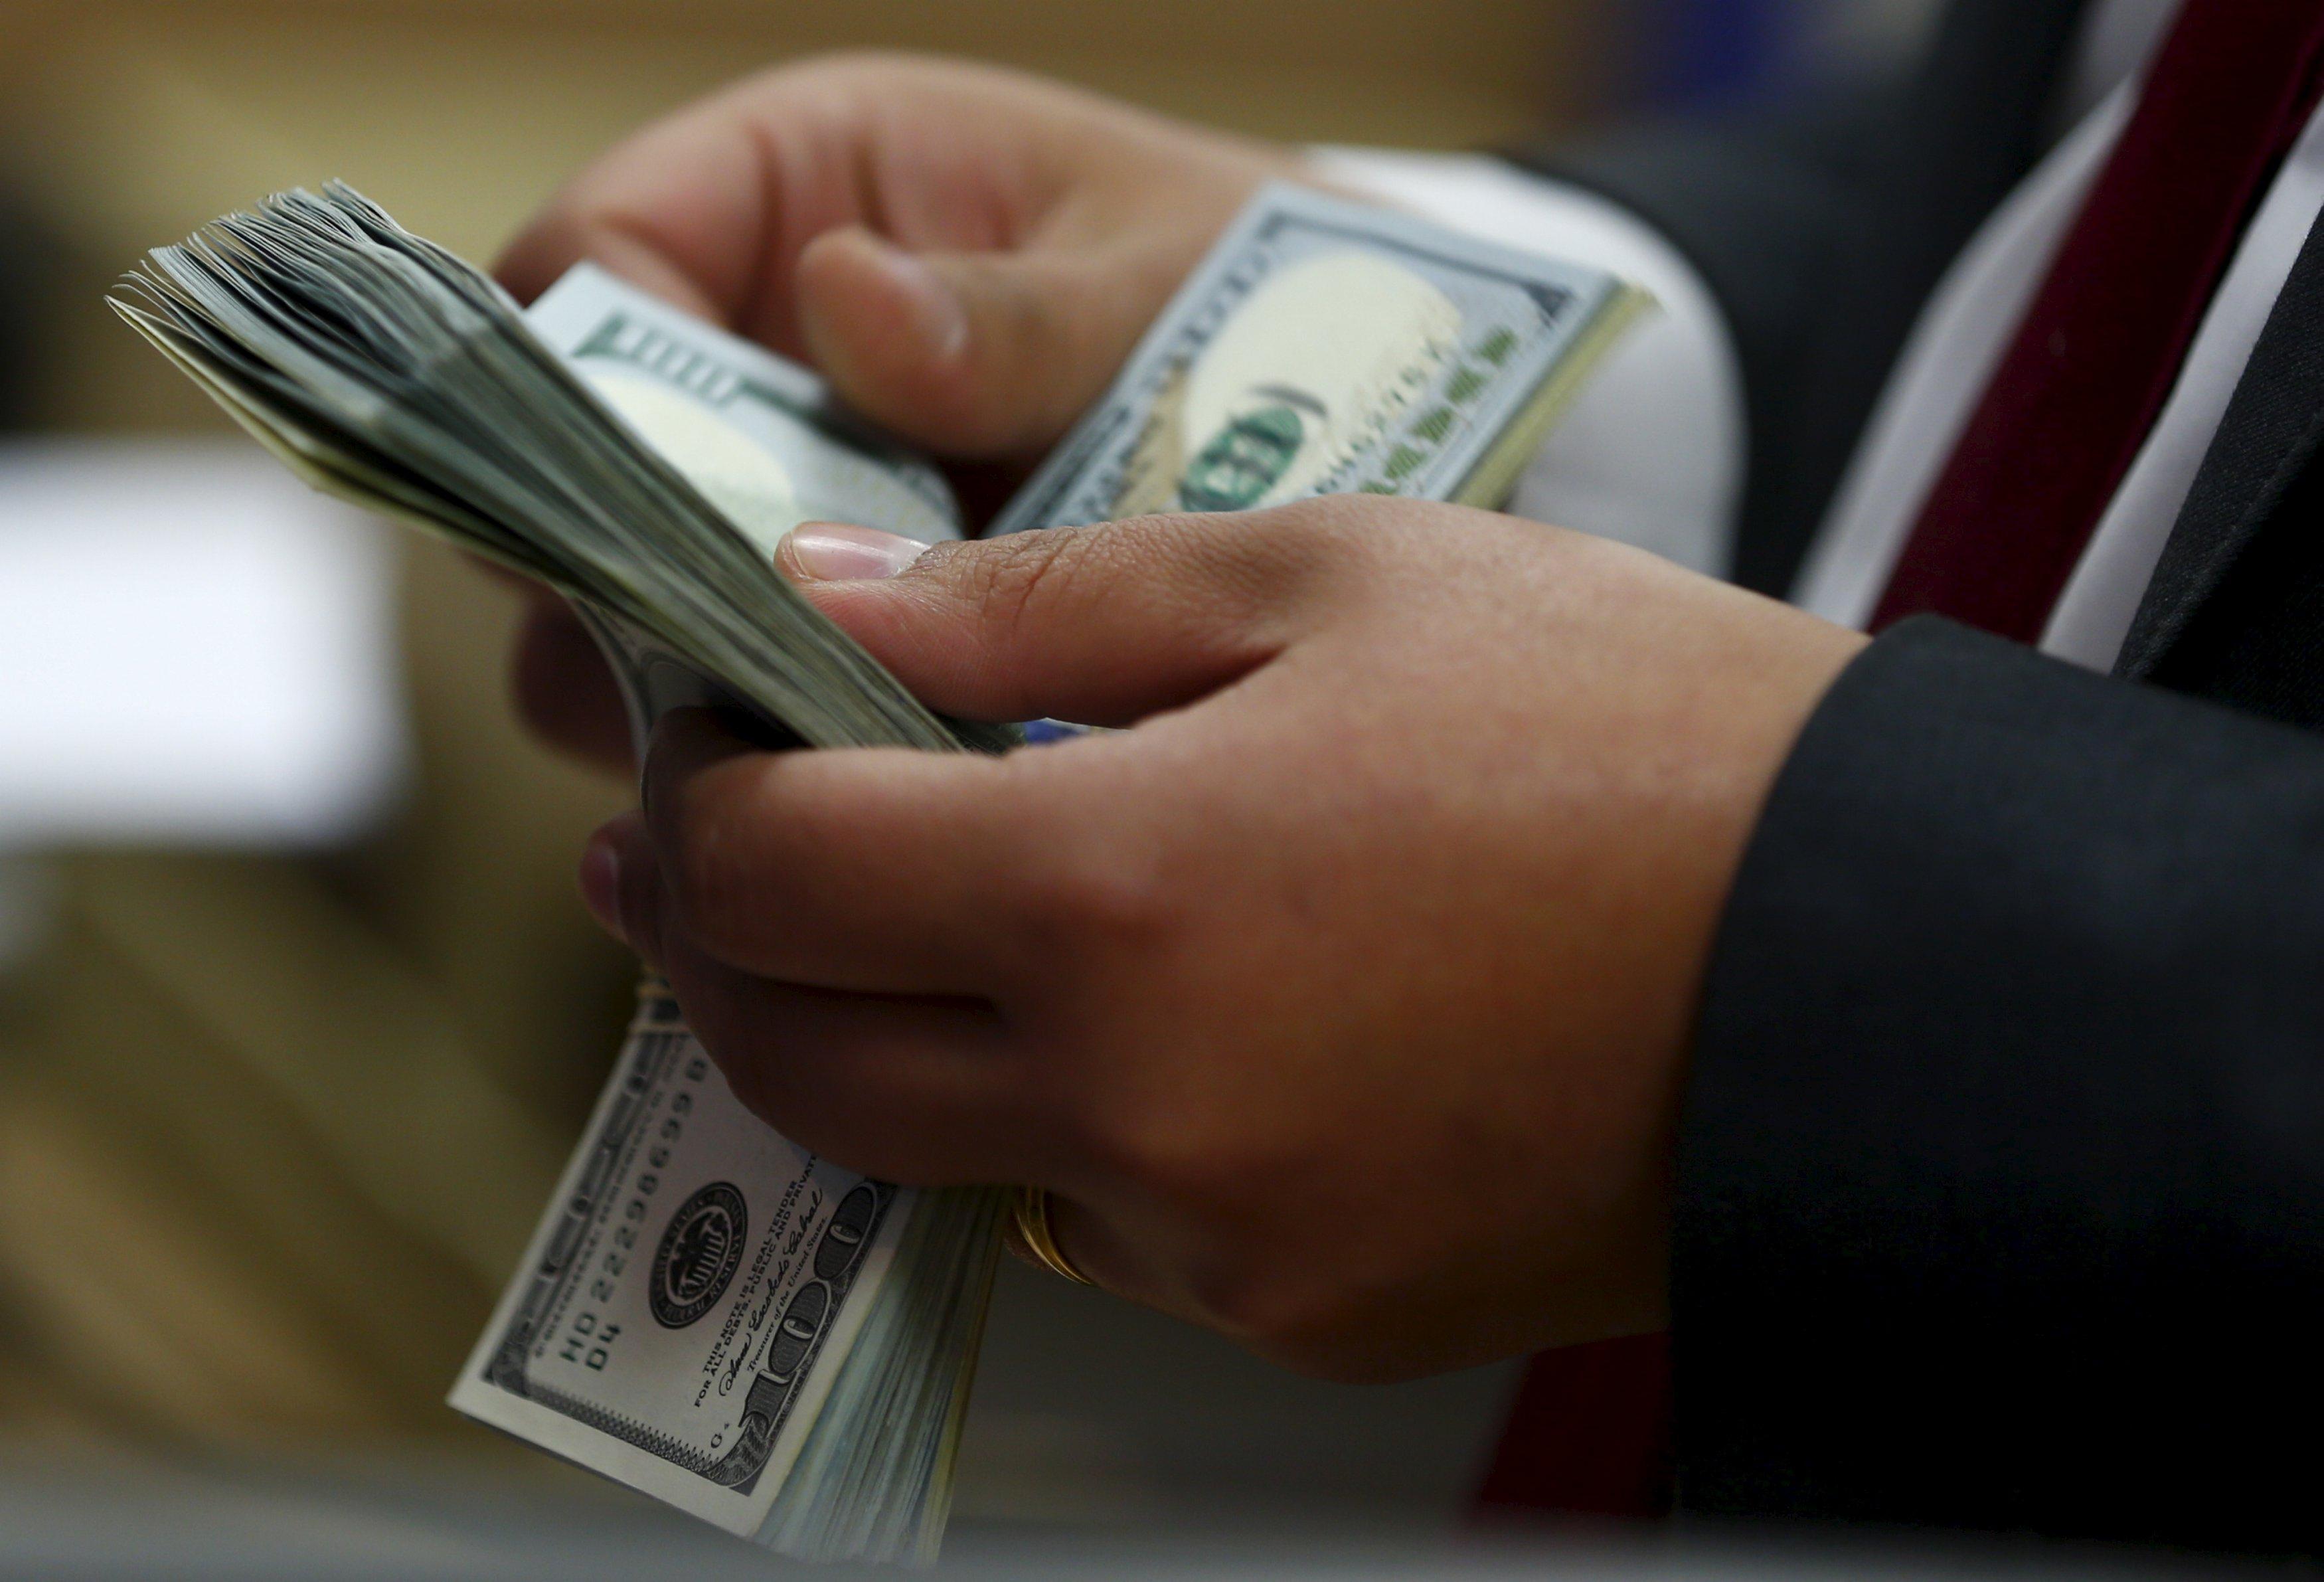 أسعار العملات اليوم الثلاثاء 24-7-2018 واستقرار الدولار 560660-%D8%B3%D8%B9%D8%B1-%D8%A7%D9%84%D8%AF%D9%88%D9%84%D8%A7%D8%B1